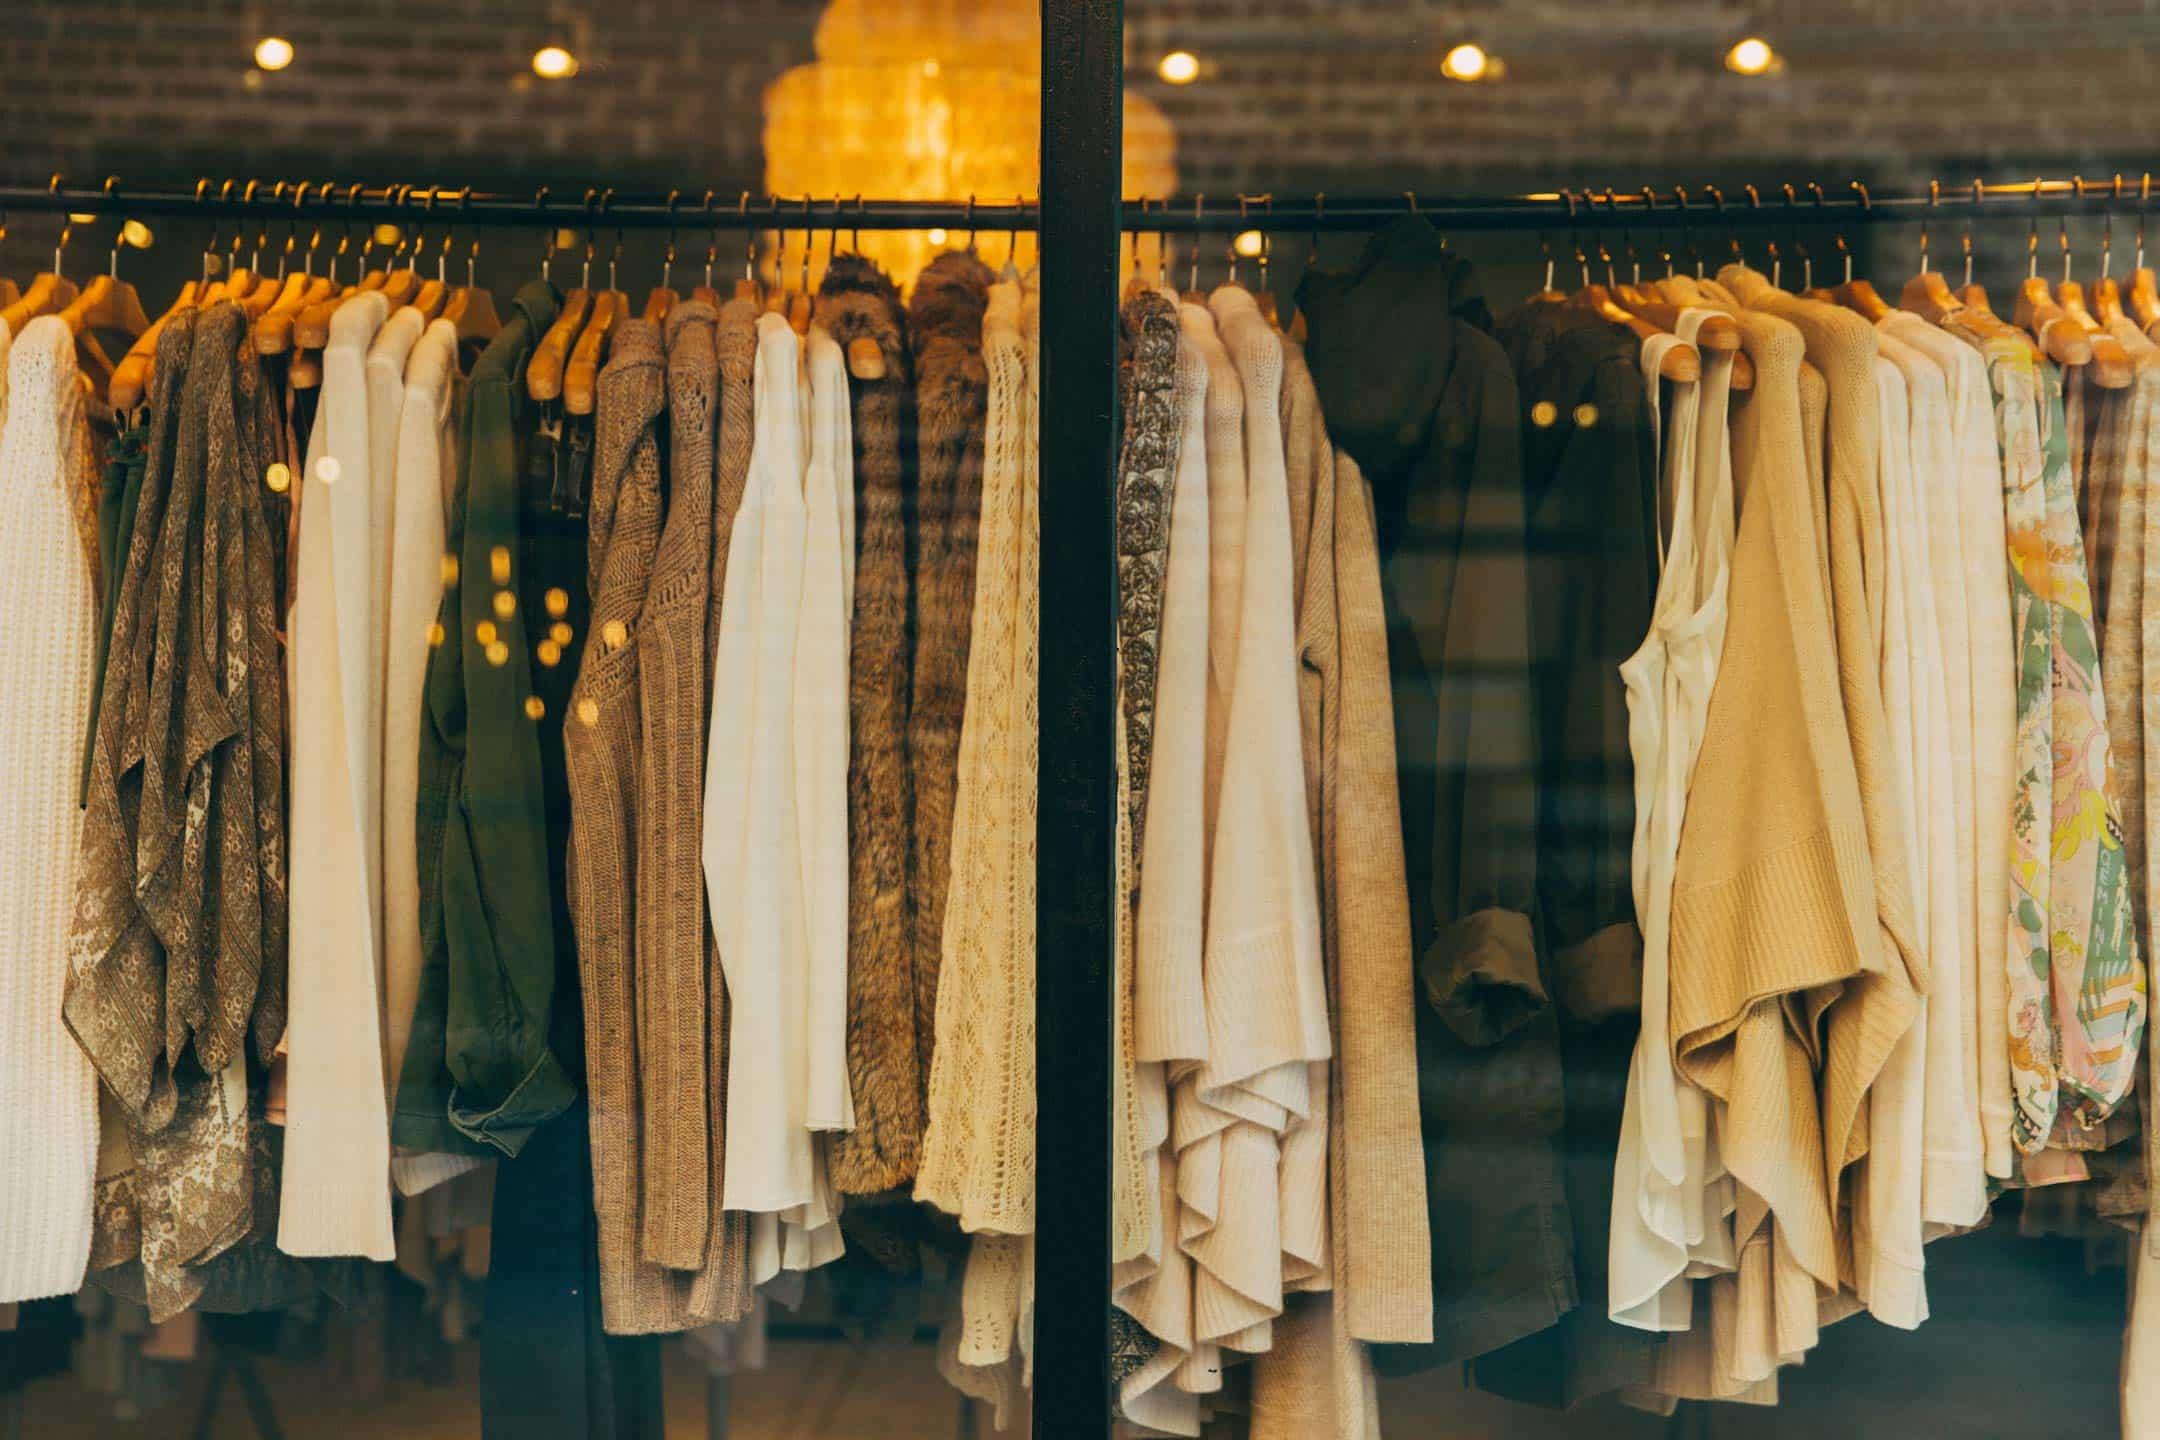 La cuesta de enero del millennial: dónde comprar tus vicios más baratos